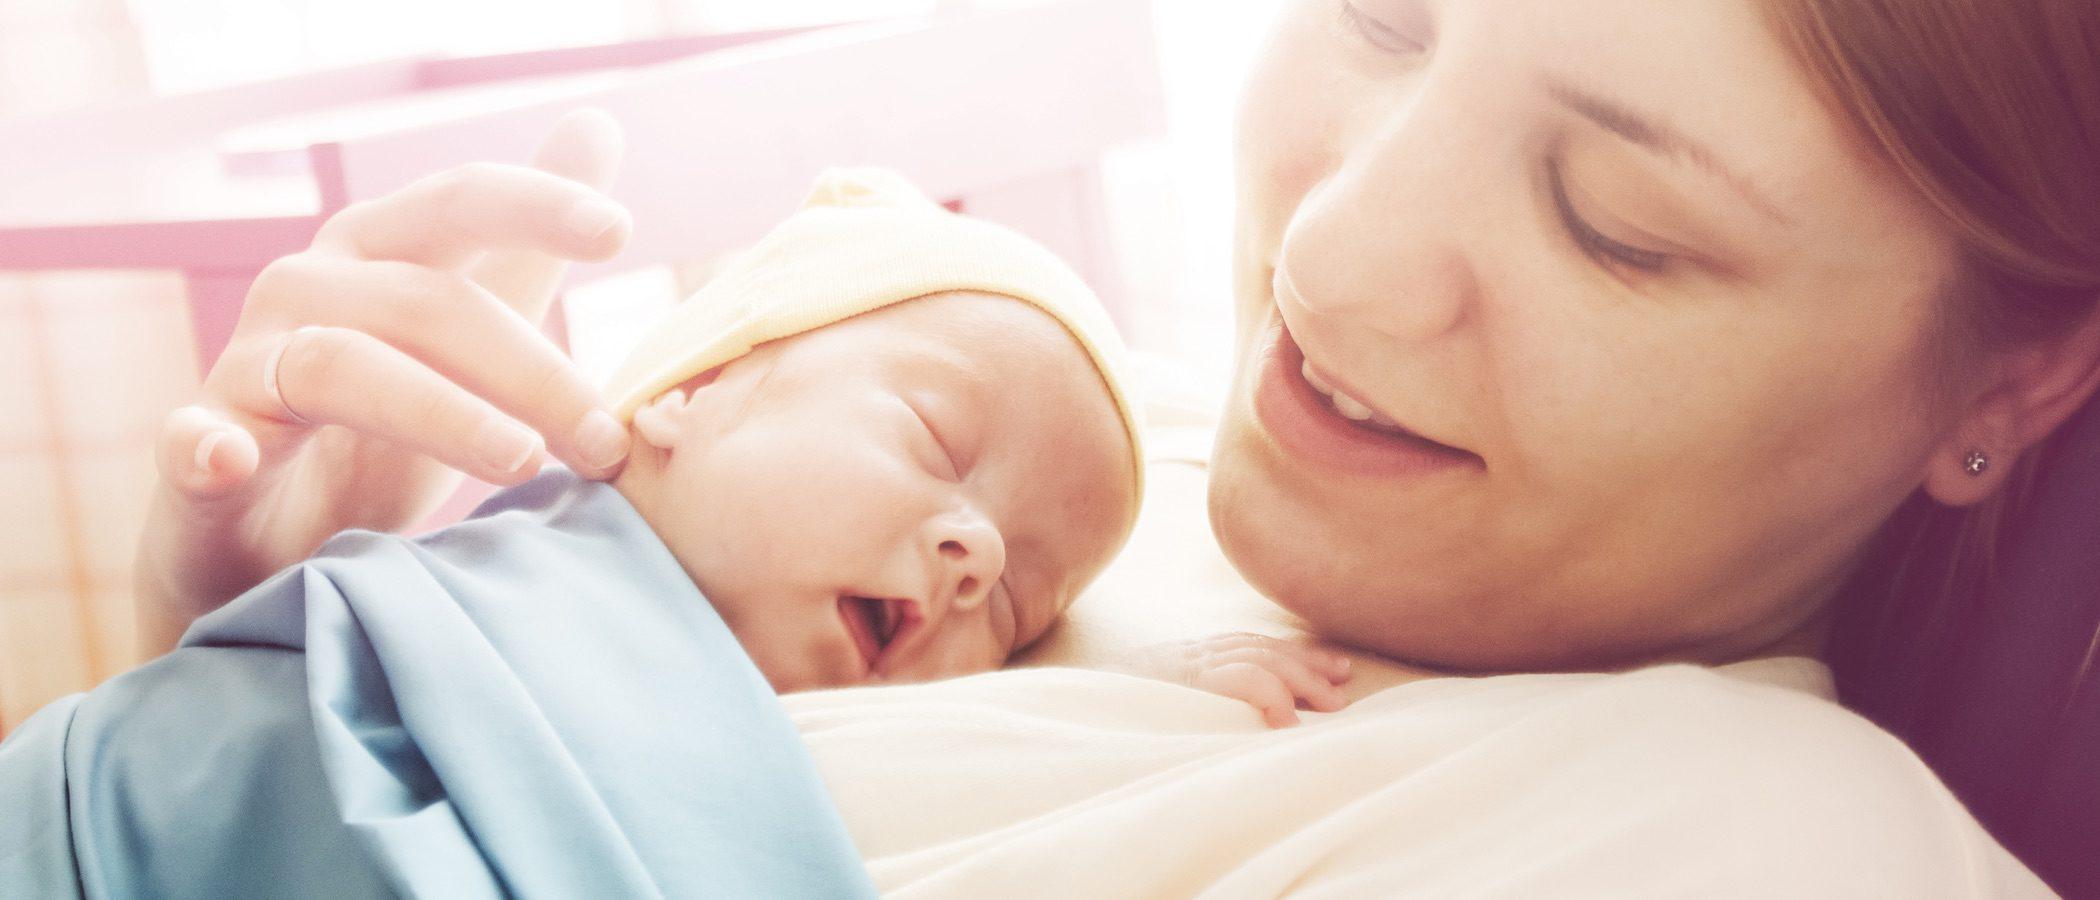 Resultado de imagen para recien nacido